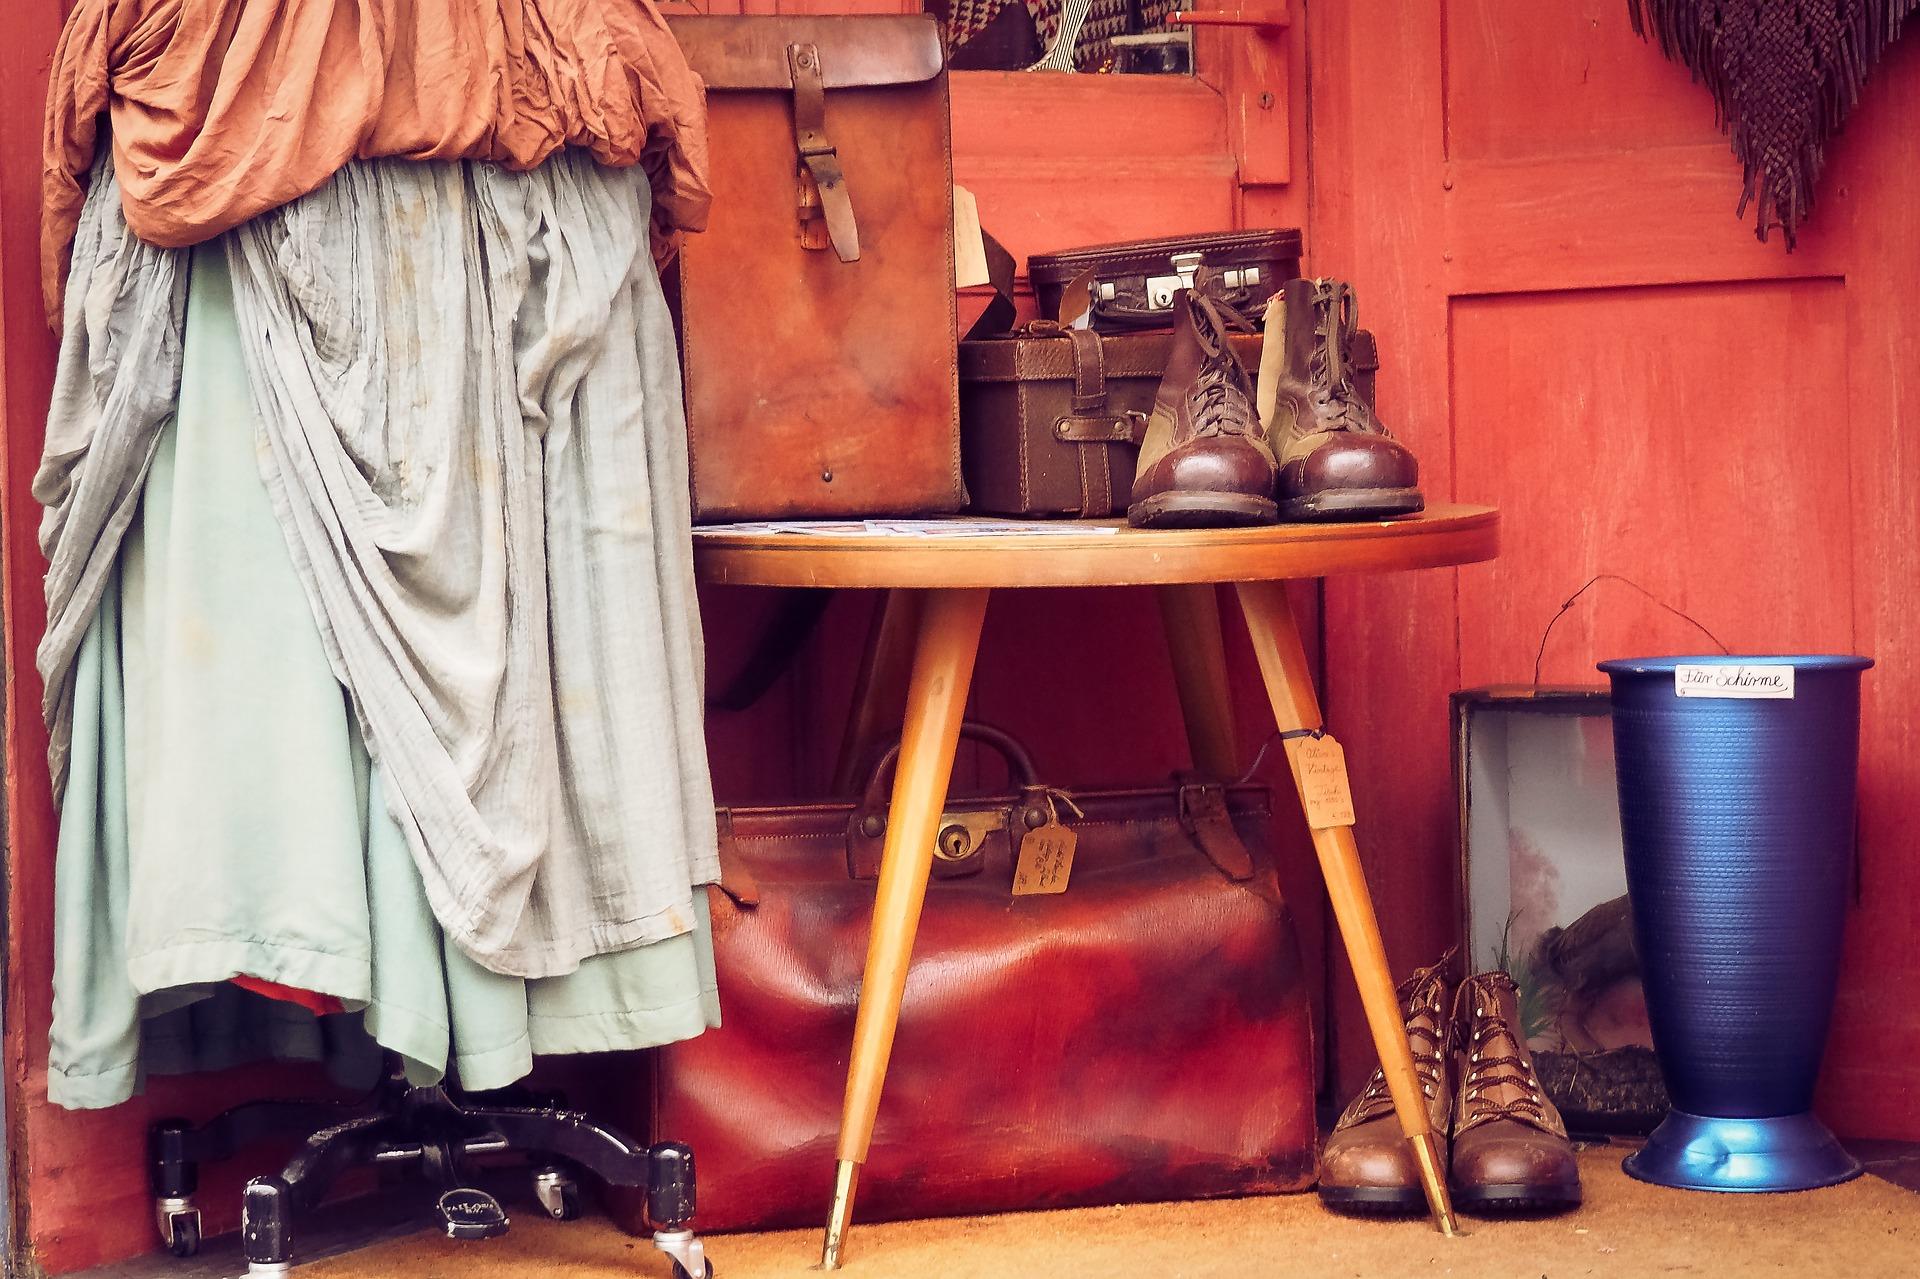 Portmanteau in Vintage Shop, M. Gaida, 2017, used under CC0